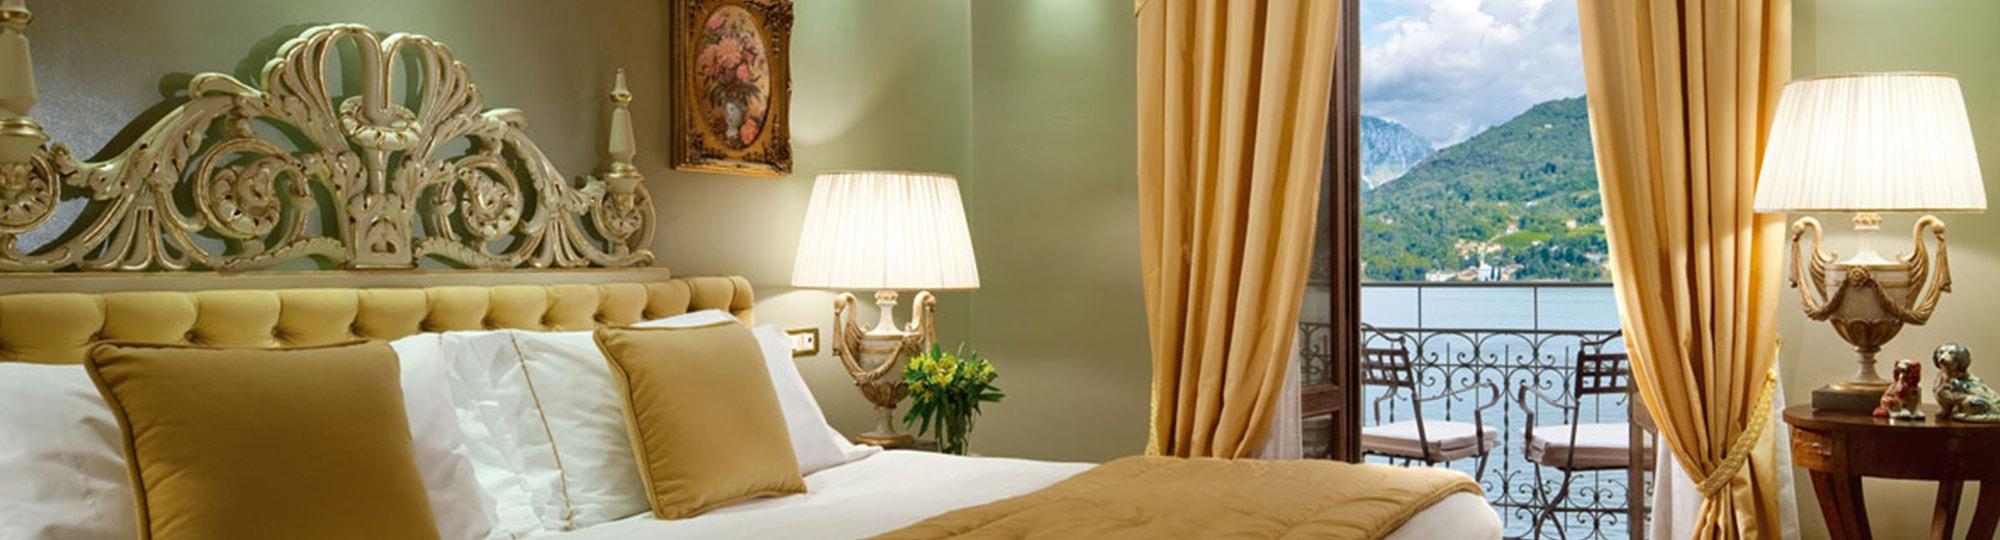 Vue de l'hotel Grand Hotel Tremezzo 5* à Tremezzo